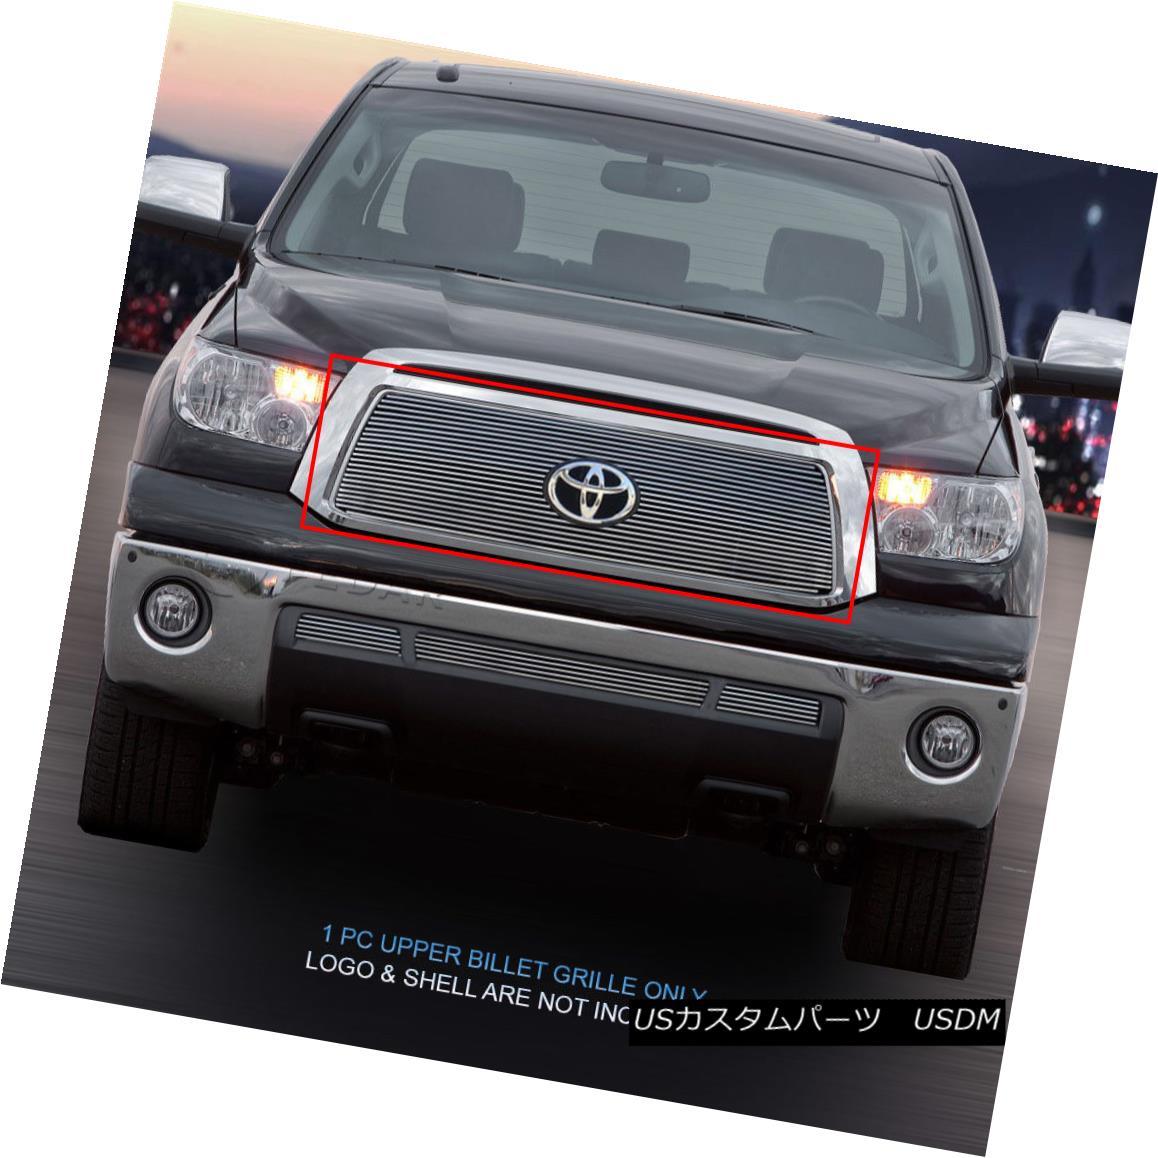 グリル 2010-2013 Toyota Tundra Billet Grille Grill 1 Pc Upper Fedar 2010-2013トヨタトンドラビレットグリルグリル1 Pcアッパーフェルダ